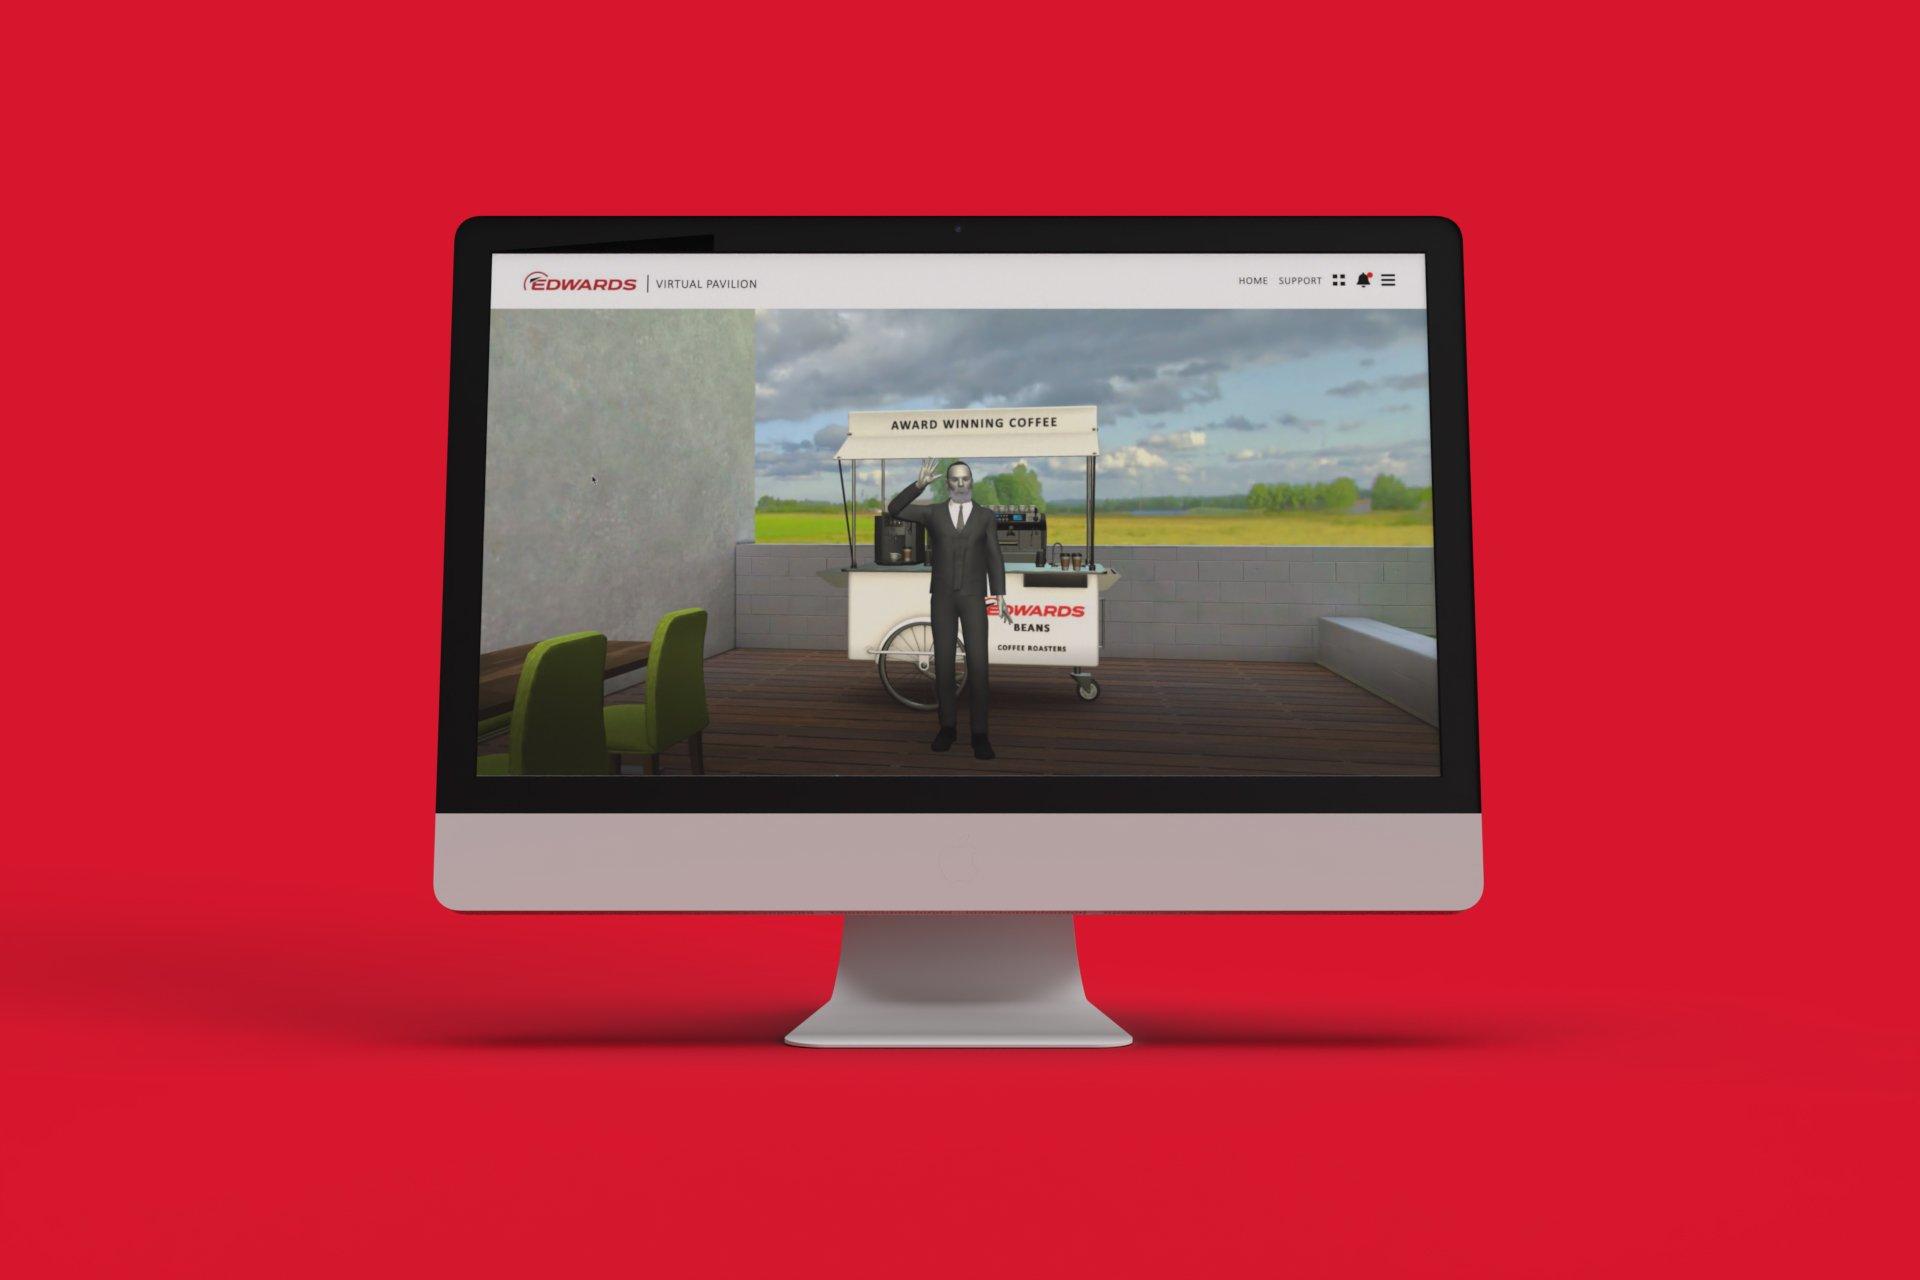 Edwards Virtual Pavilion on Device